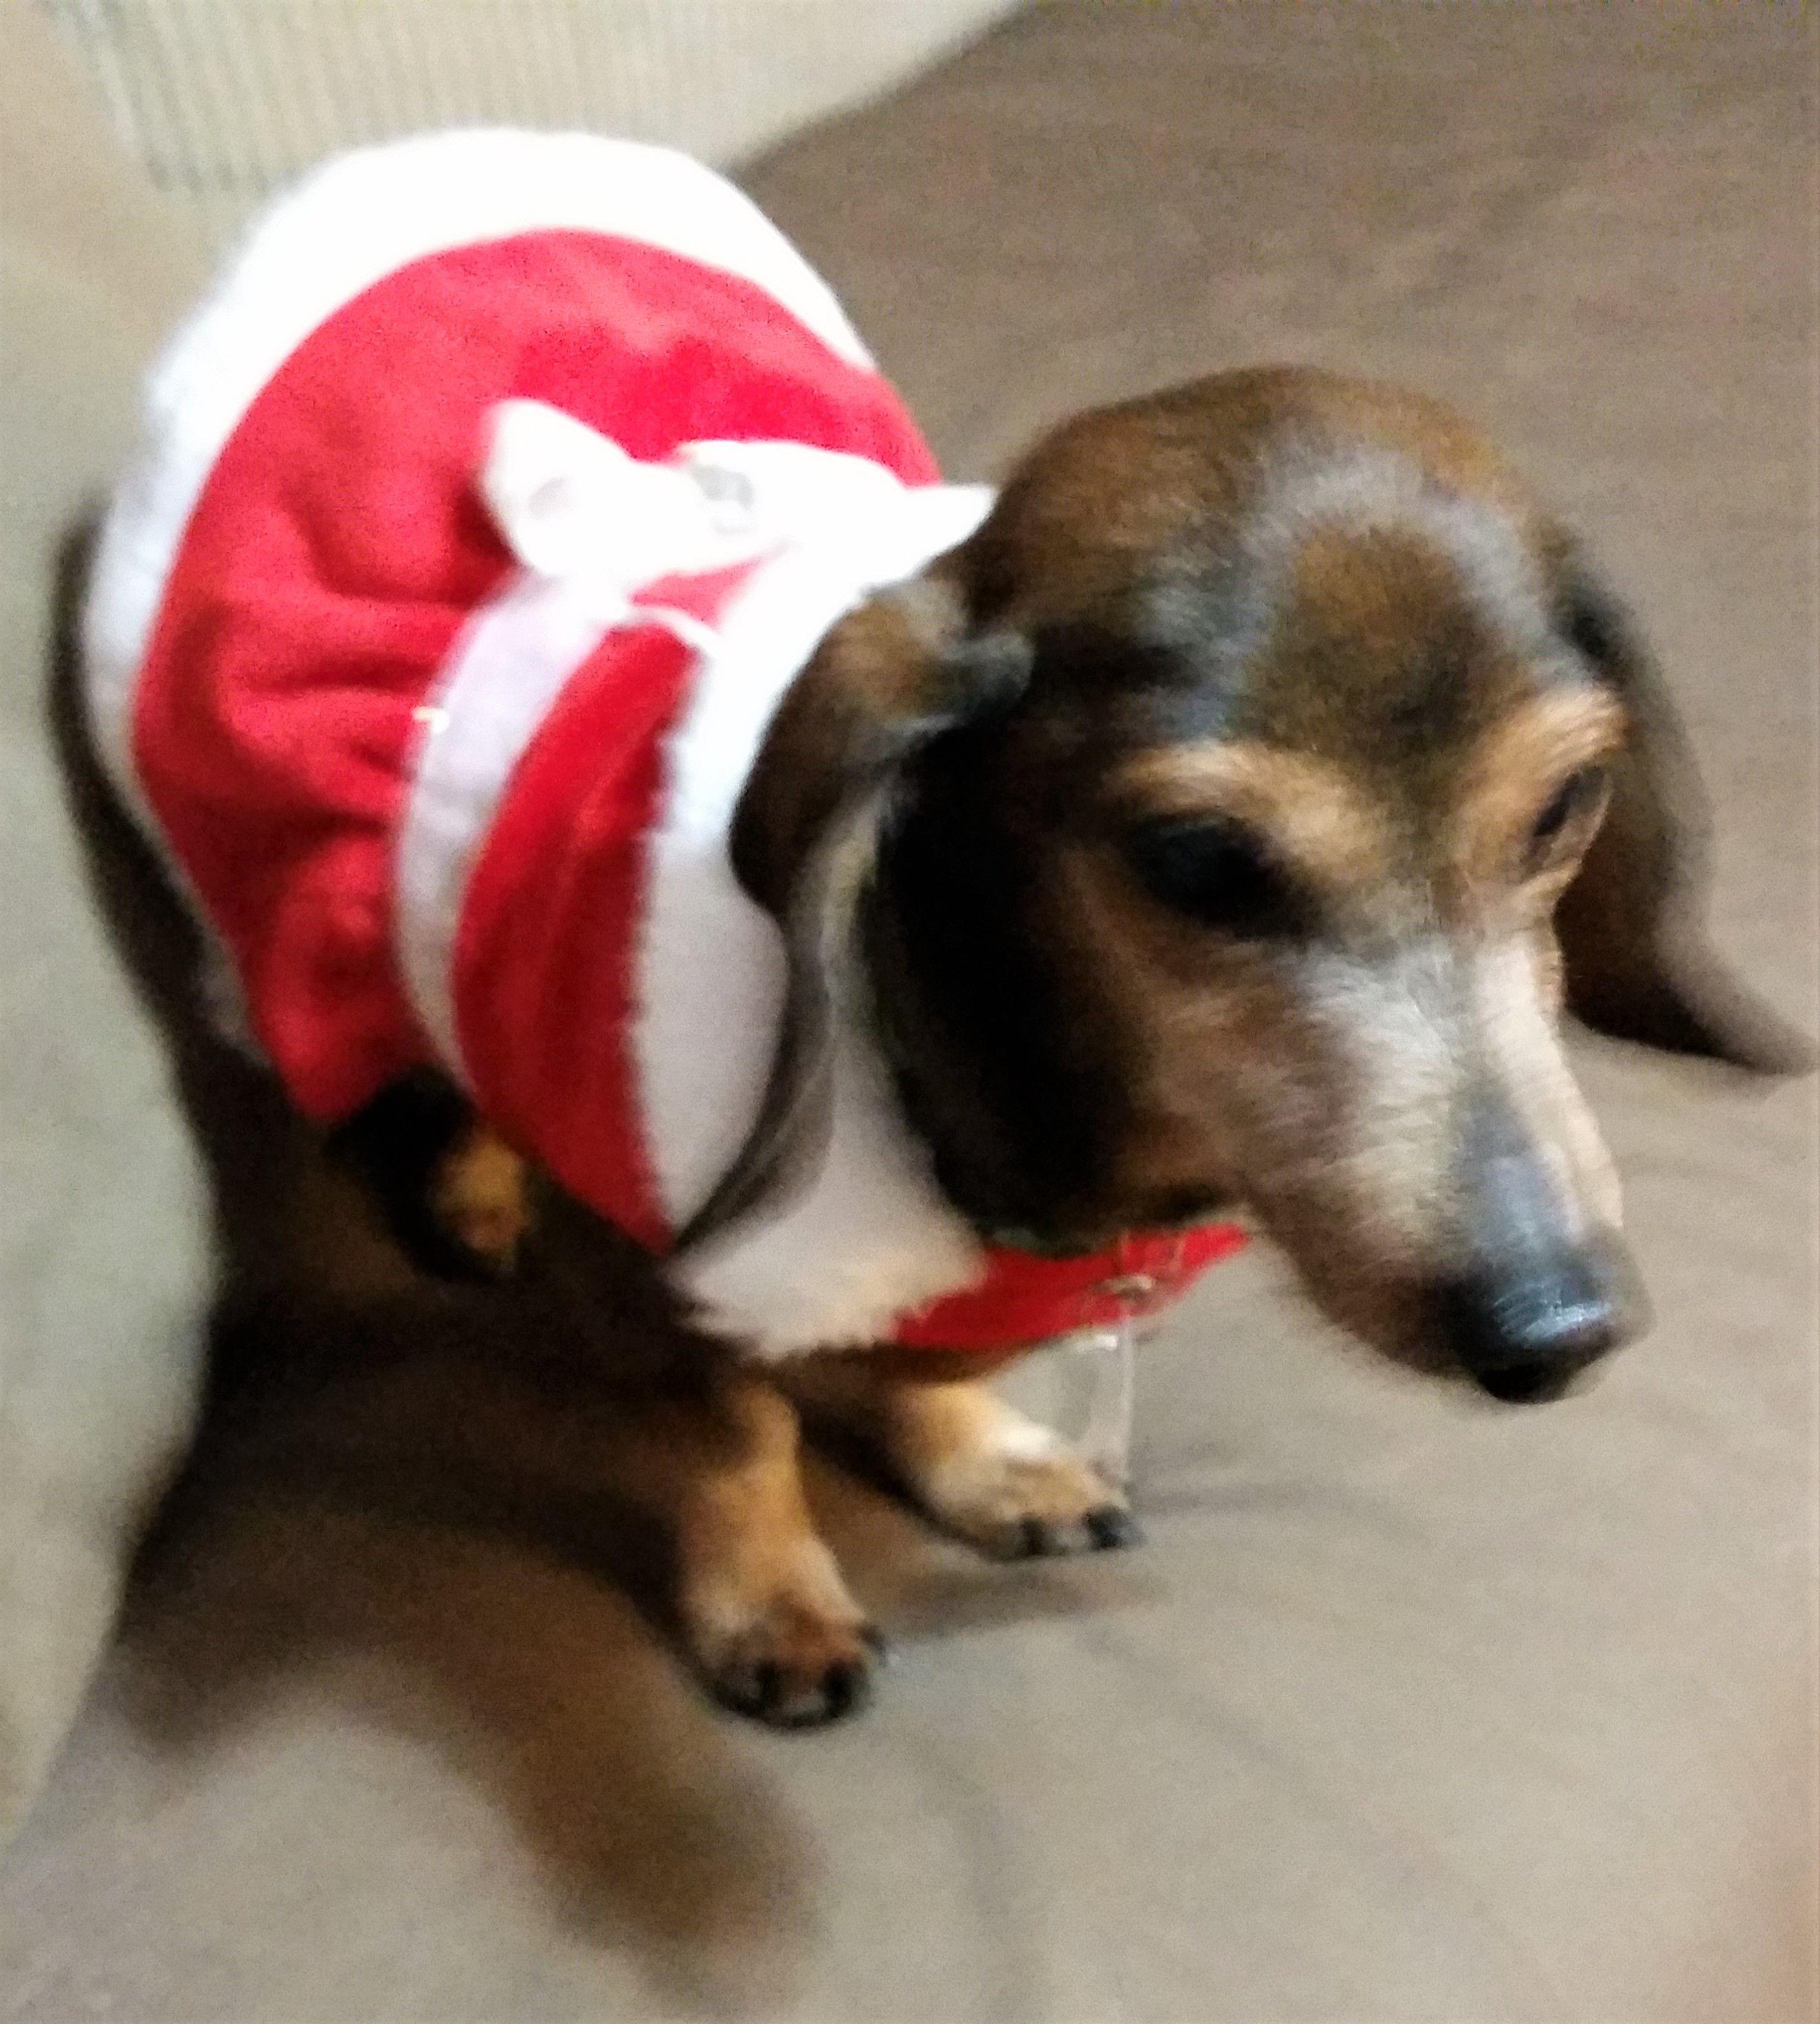 Dachshund dog for Adoption in Lewisburg, TN. ADN752319 on